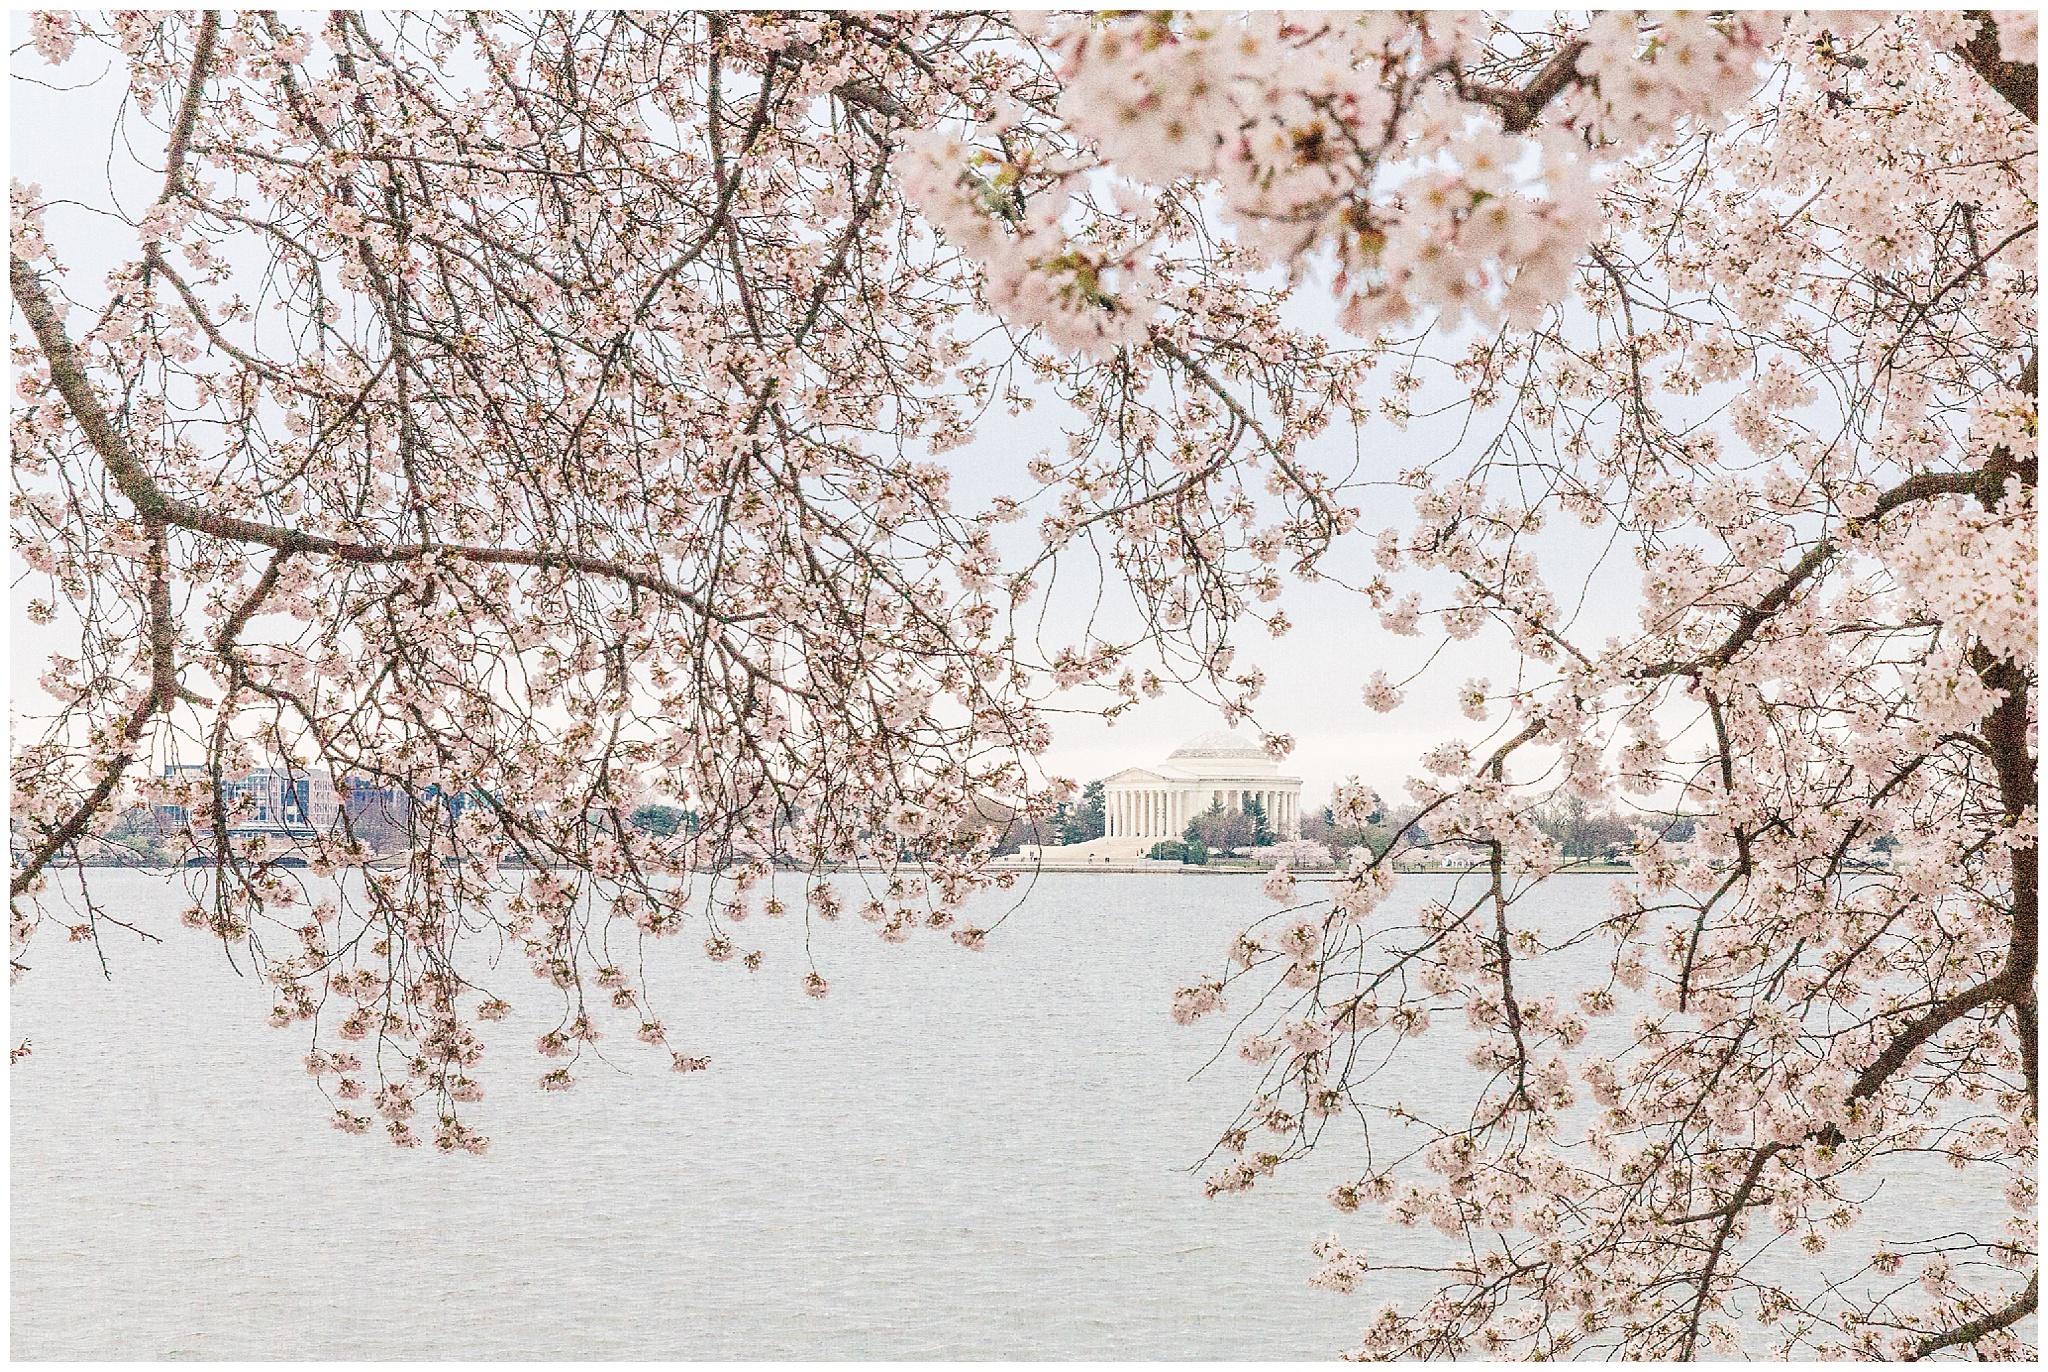 cherryblossoms_0016.jpg